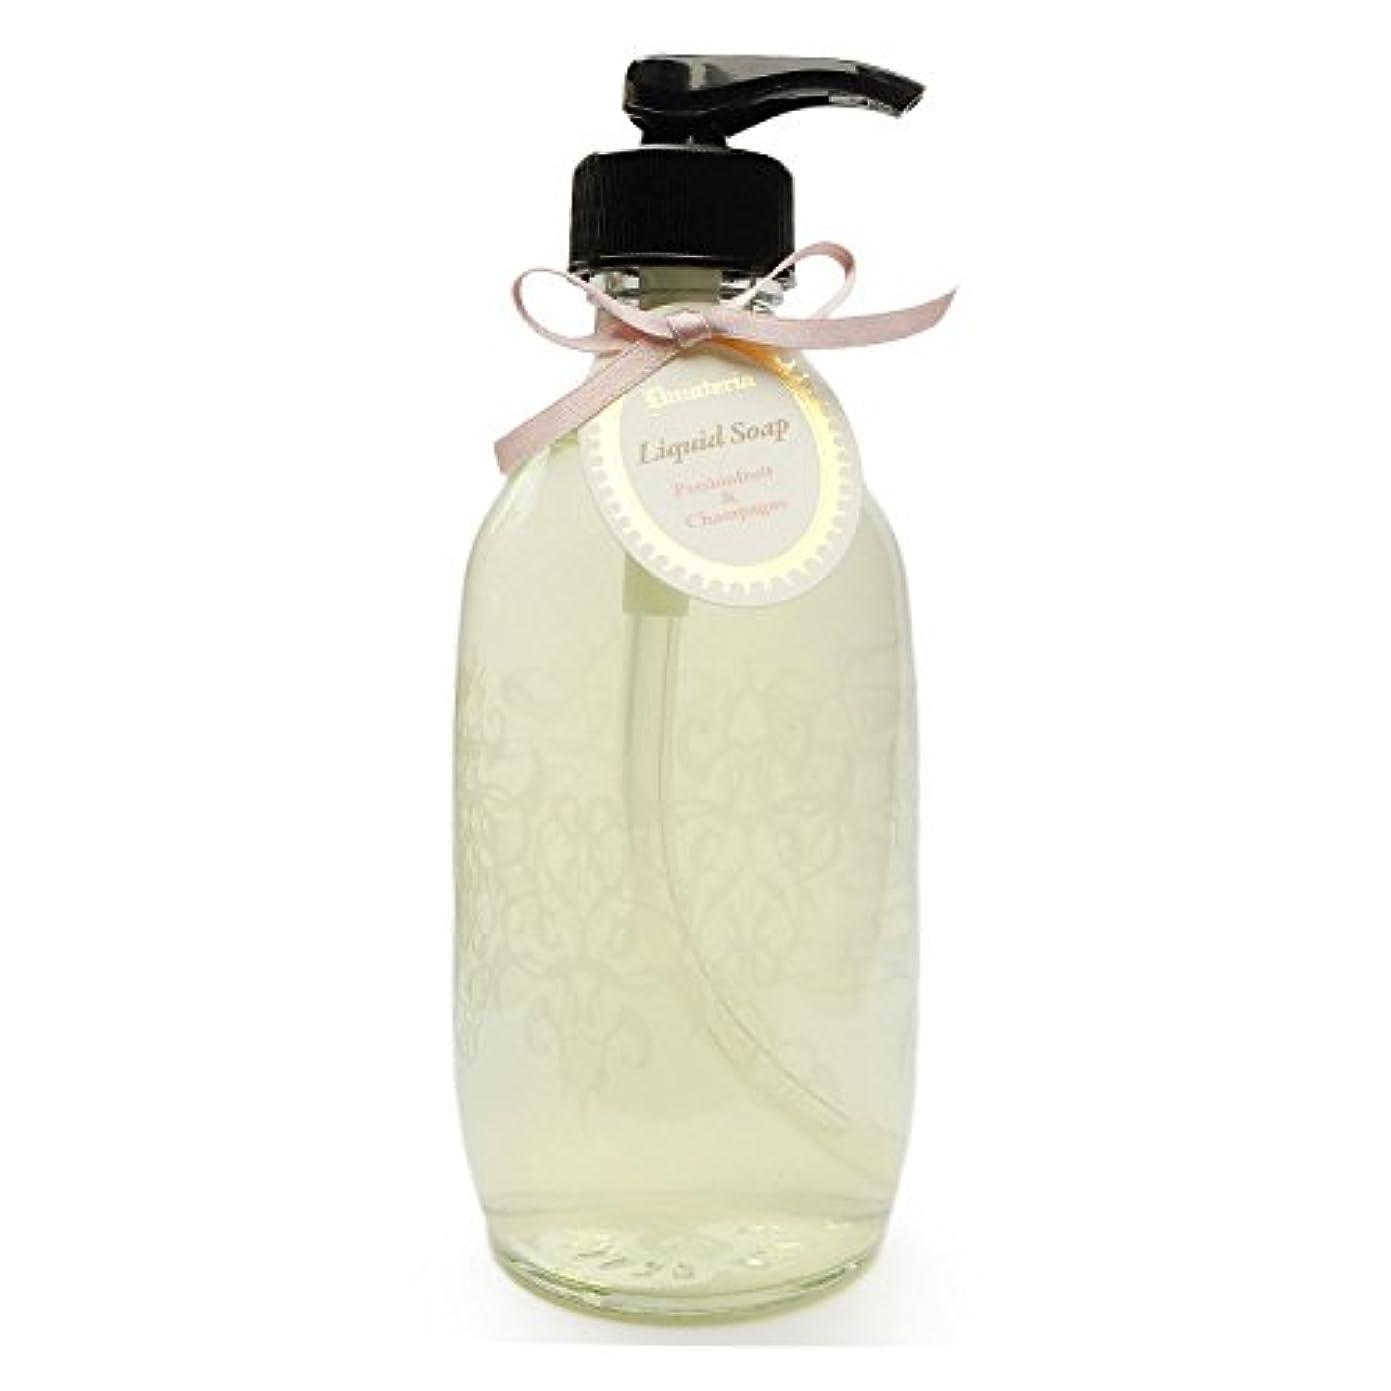 火炎必需品中にD materia リキッドソープ パッションフルーツ&シャンパン Passionfruit&Champagne Liquid Soap ディーマテリア